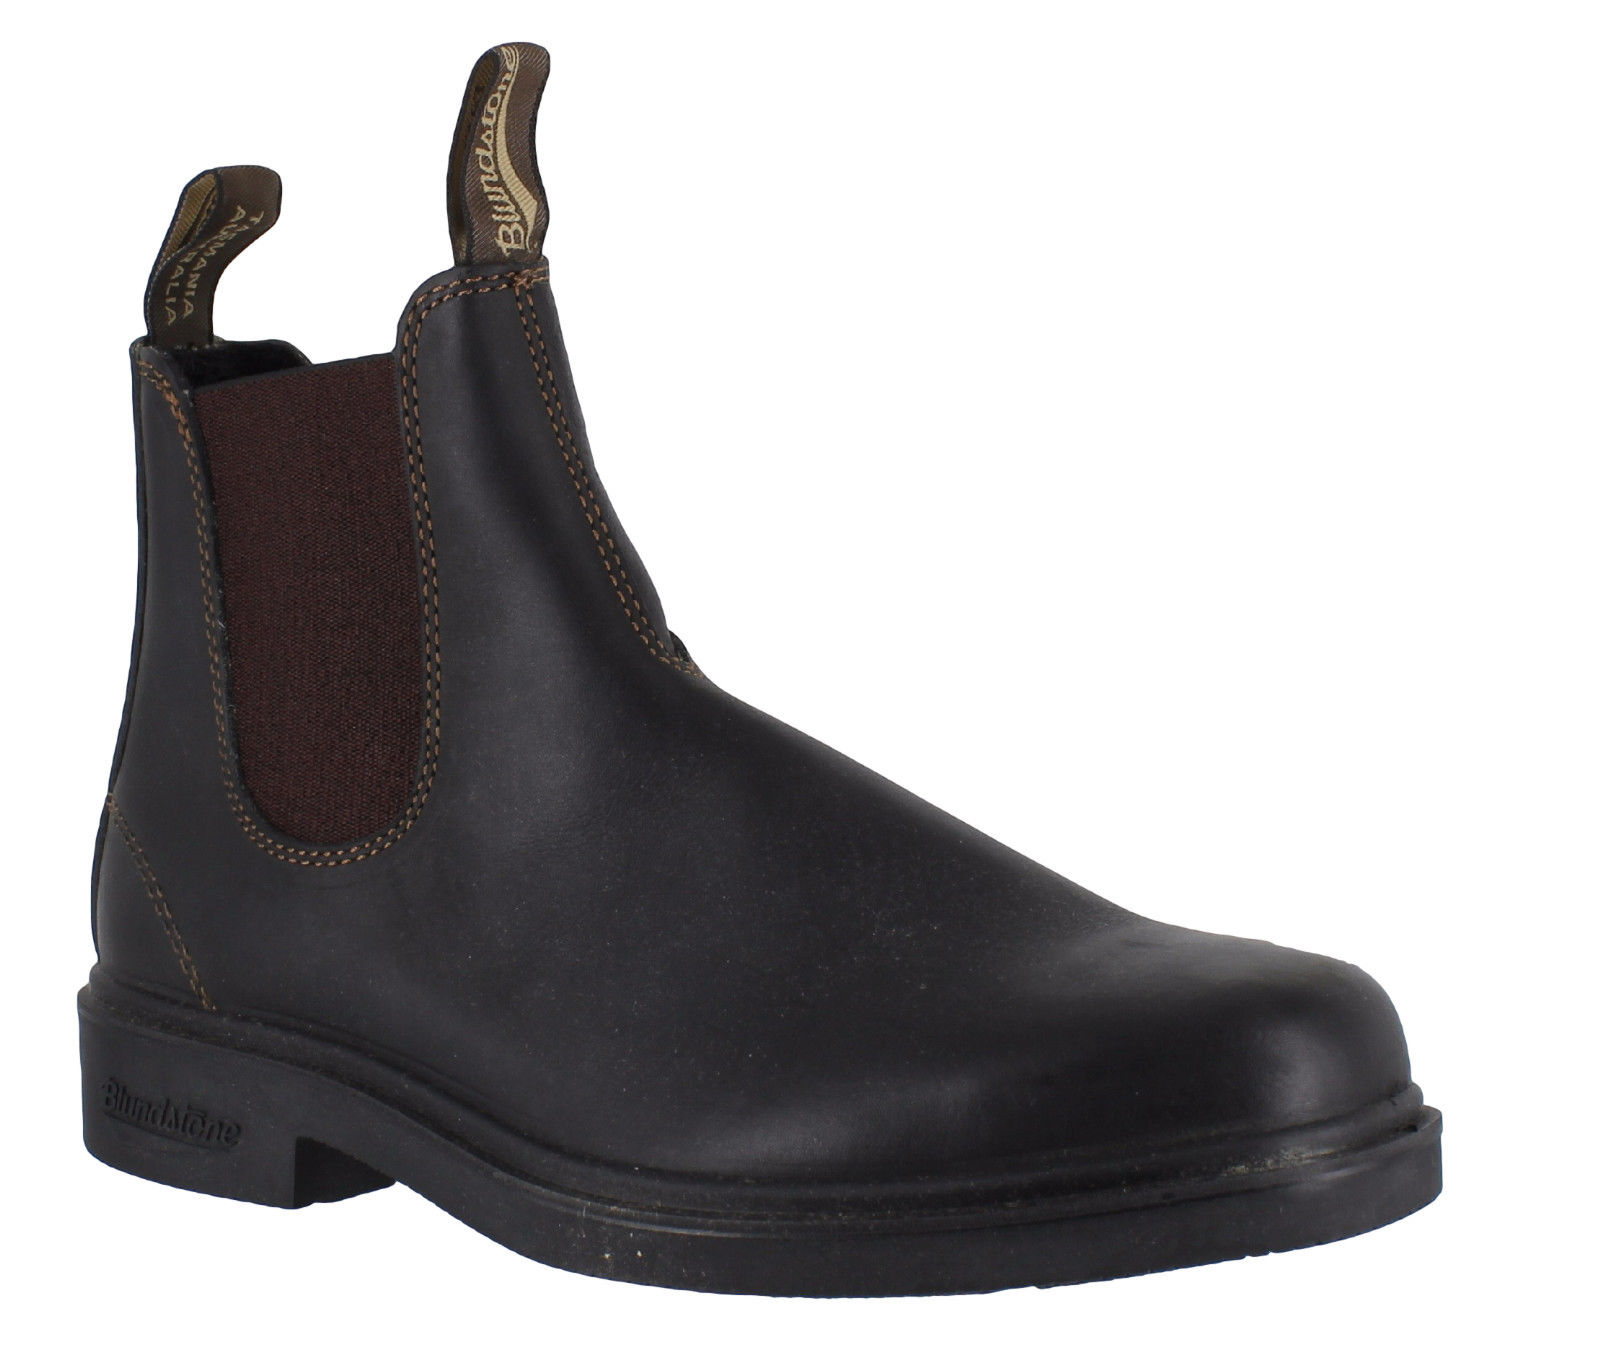 Shoe Zone Boots Ebay Uk